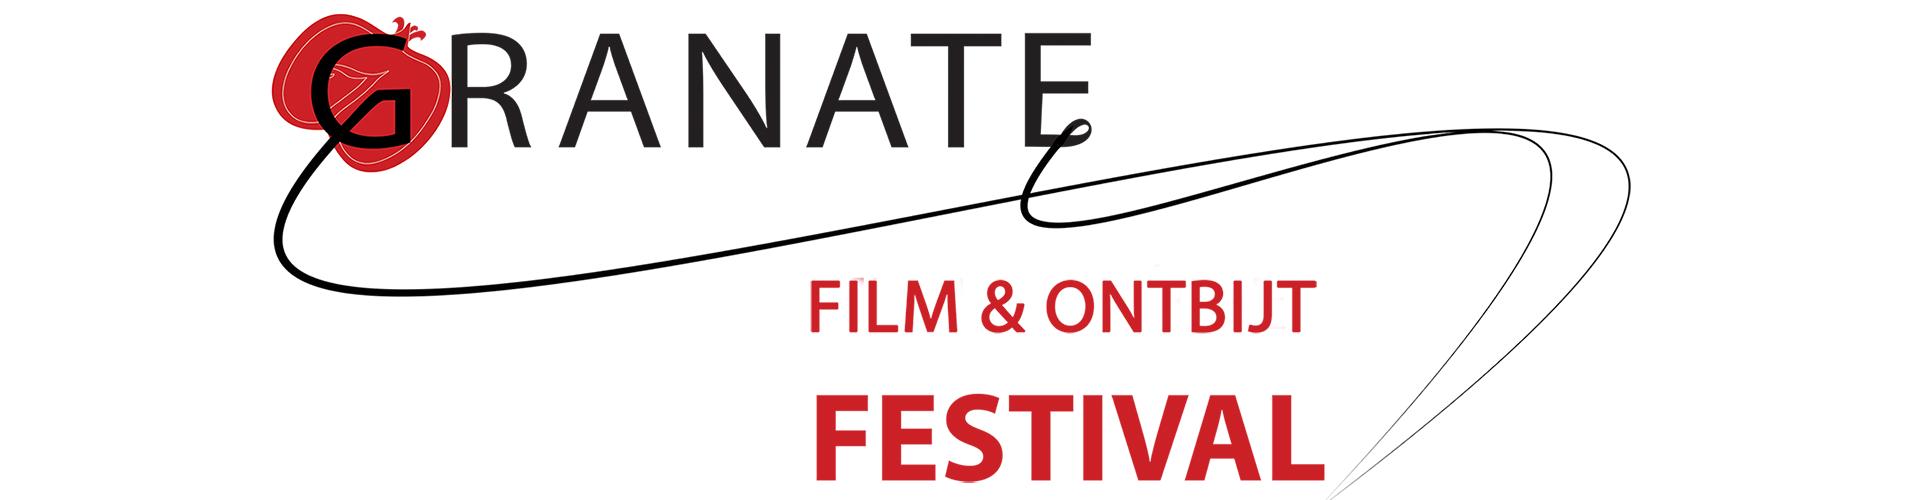 Granate Festival | Film & Ontbijt